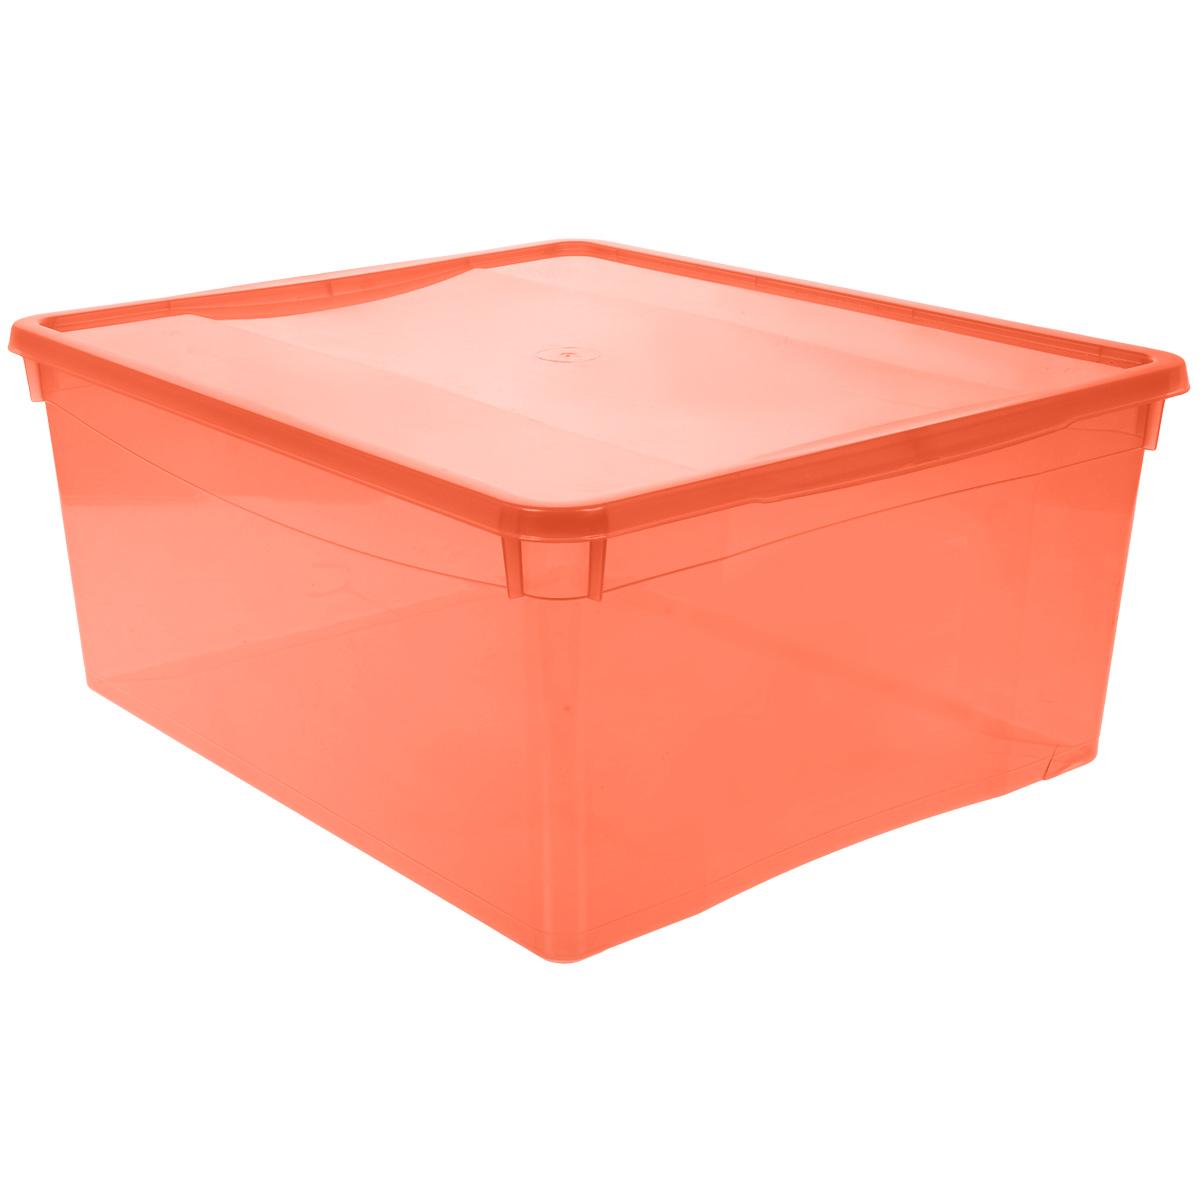 Ящик универсальный Бытпласт Колор Стайл с крышкой, цвет: красный, 18 лС12497 красныйУниверсальный ящик Бытпласт Колор Стайл выполнен из полипропилена и предназначен для хранения различных предметов. Ящик оснащен удобной крышкой. Очень функциональный и вместительный, такой ящик будет очень полезен для хранения вещей или продуктов, а также защитит их от пыли и грязи.